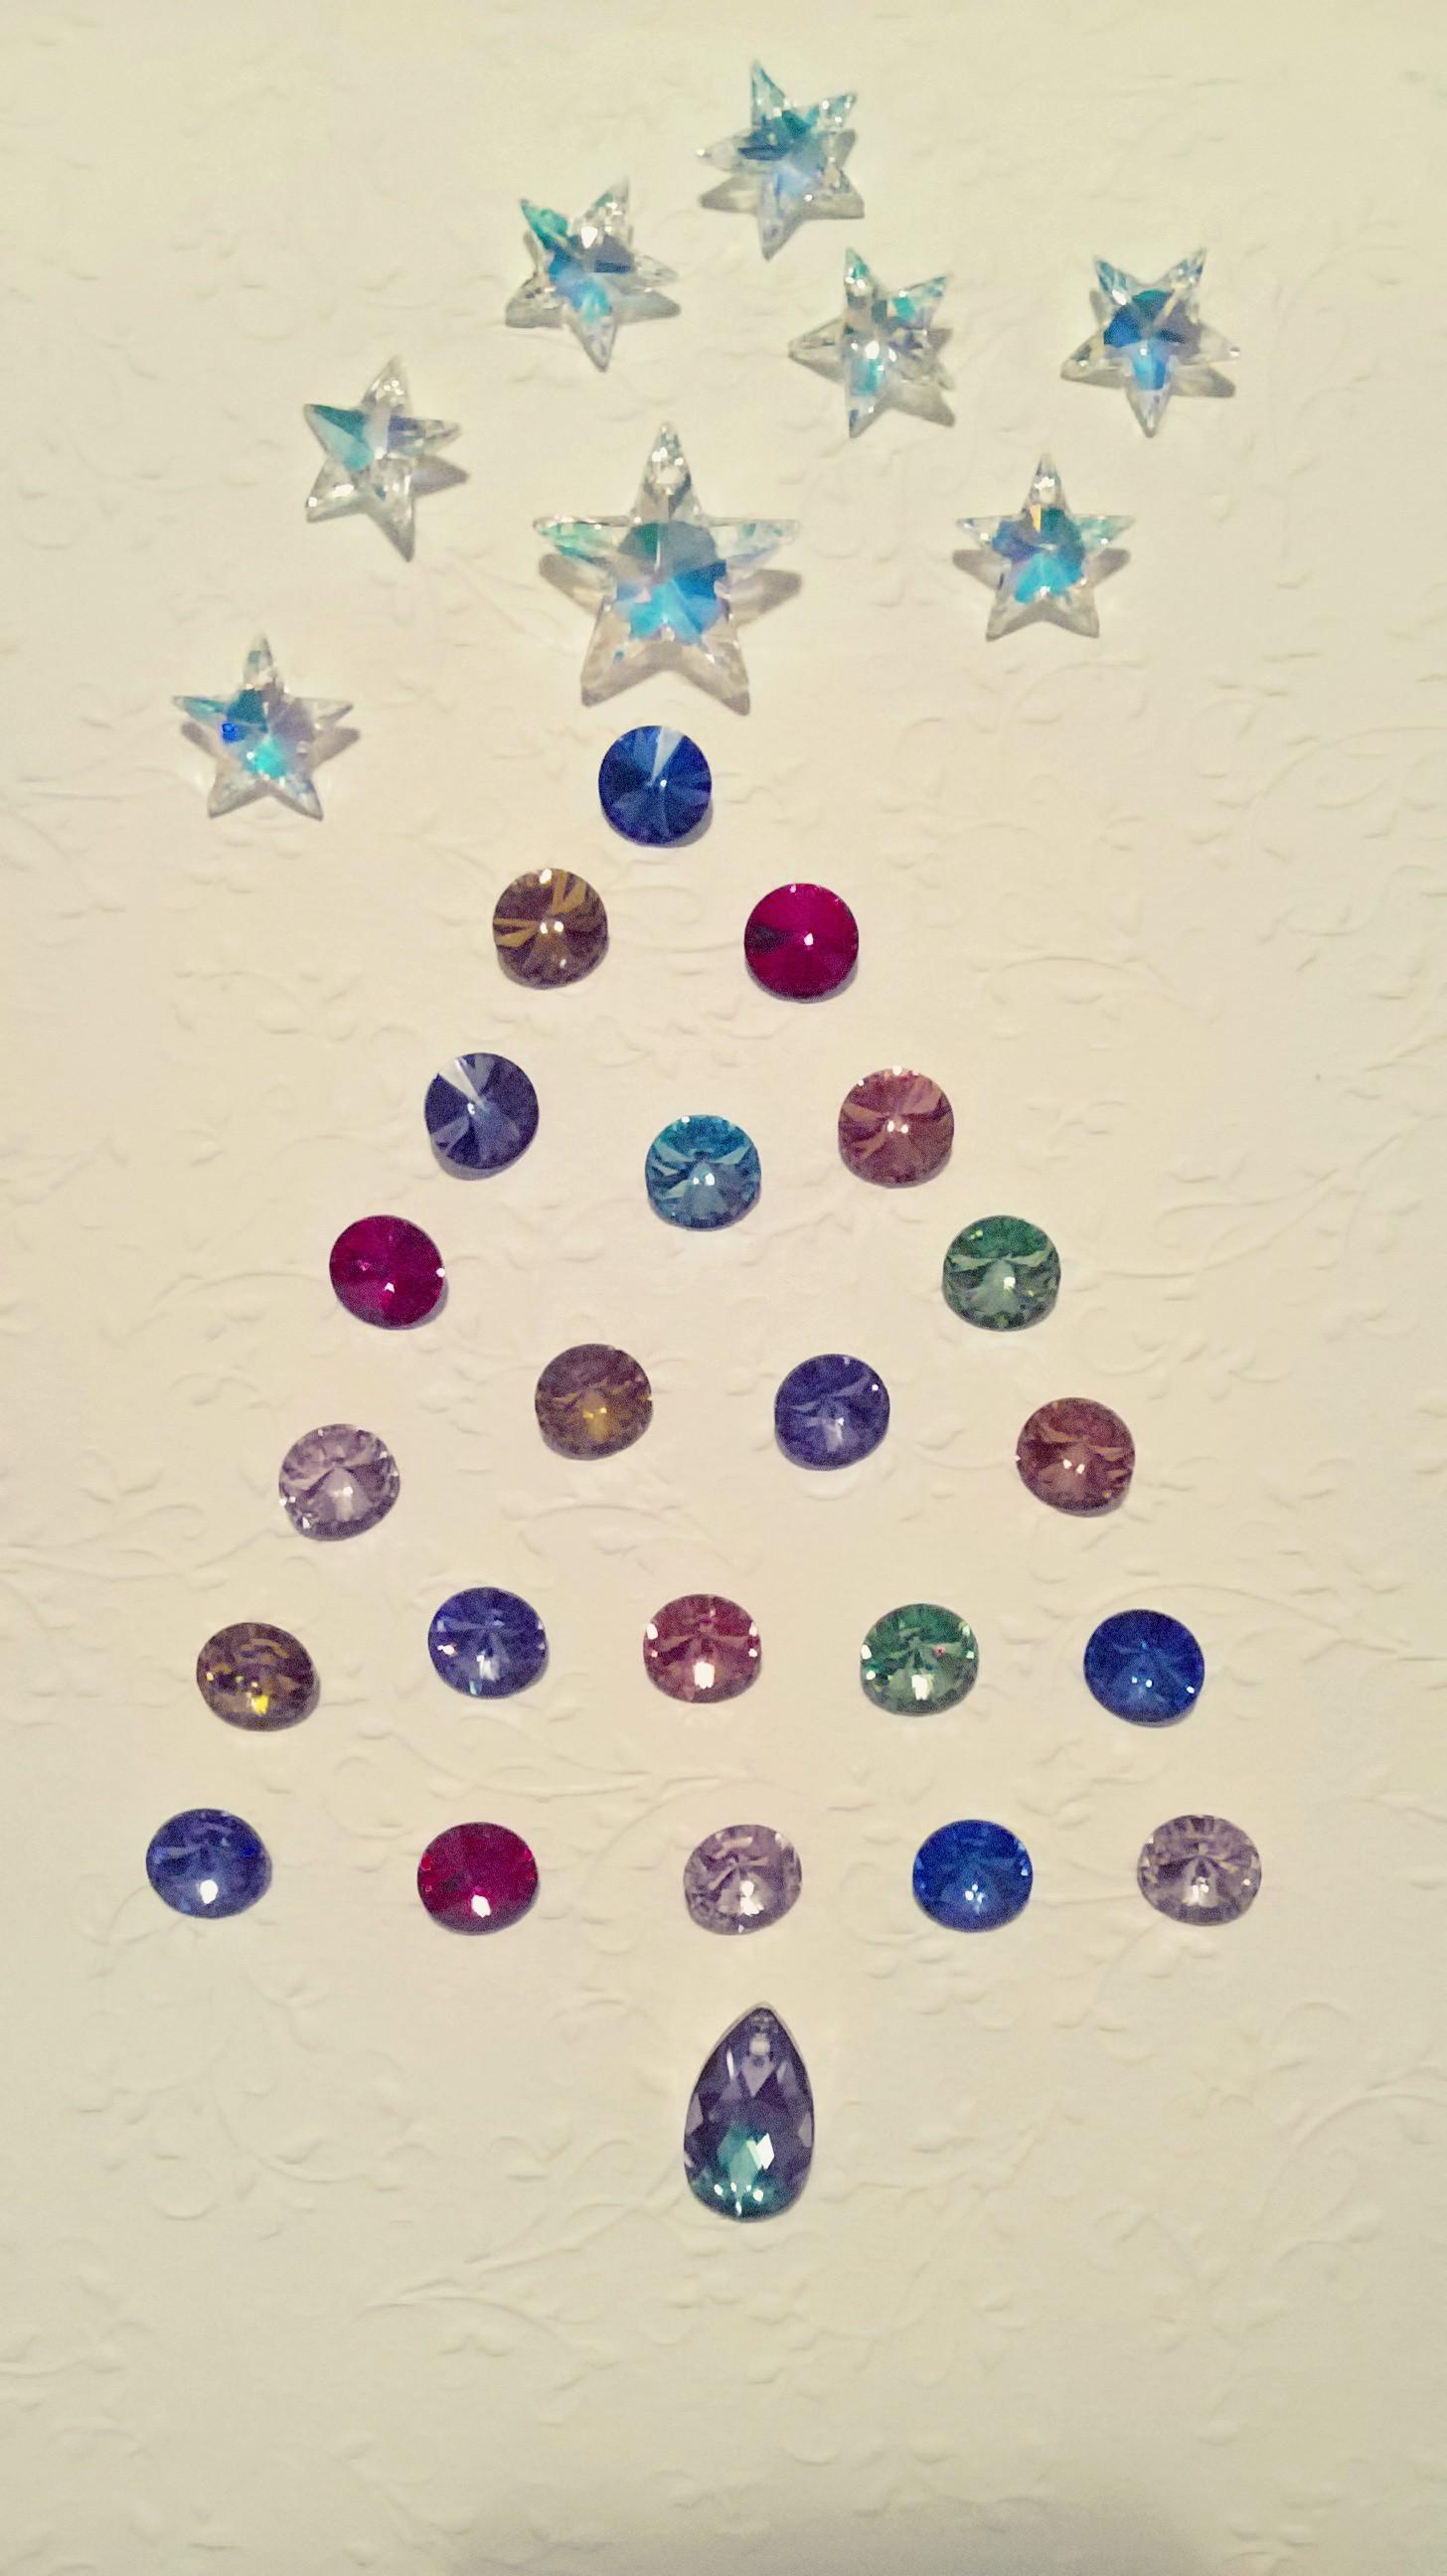 Vánoce 2018: dárky pro NI i pro NĚJ